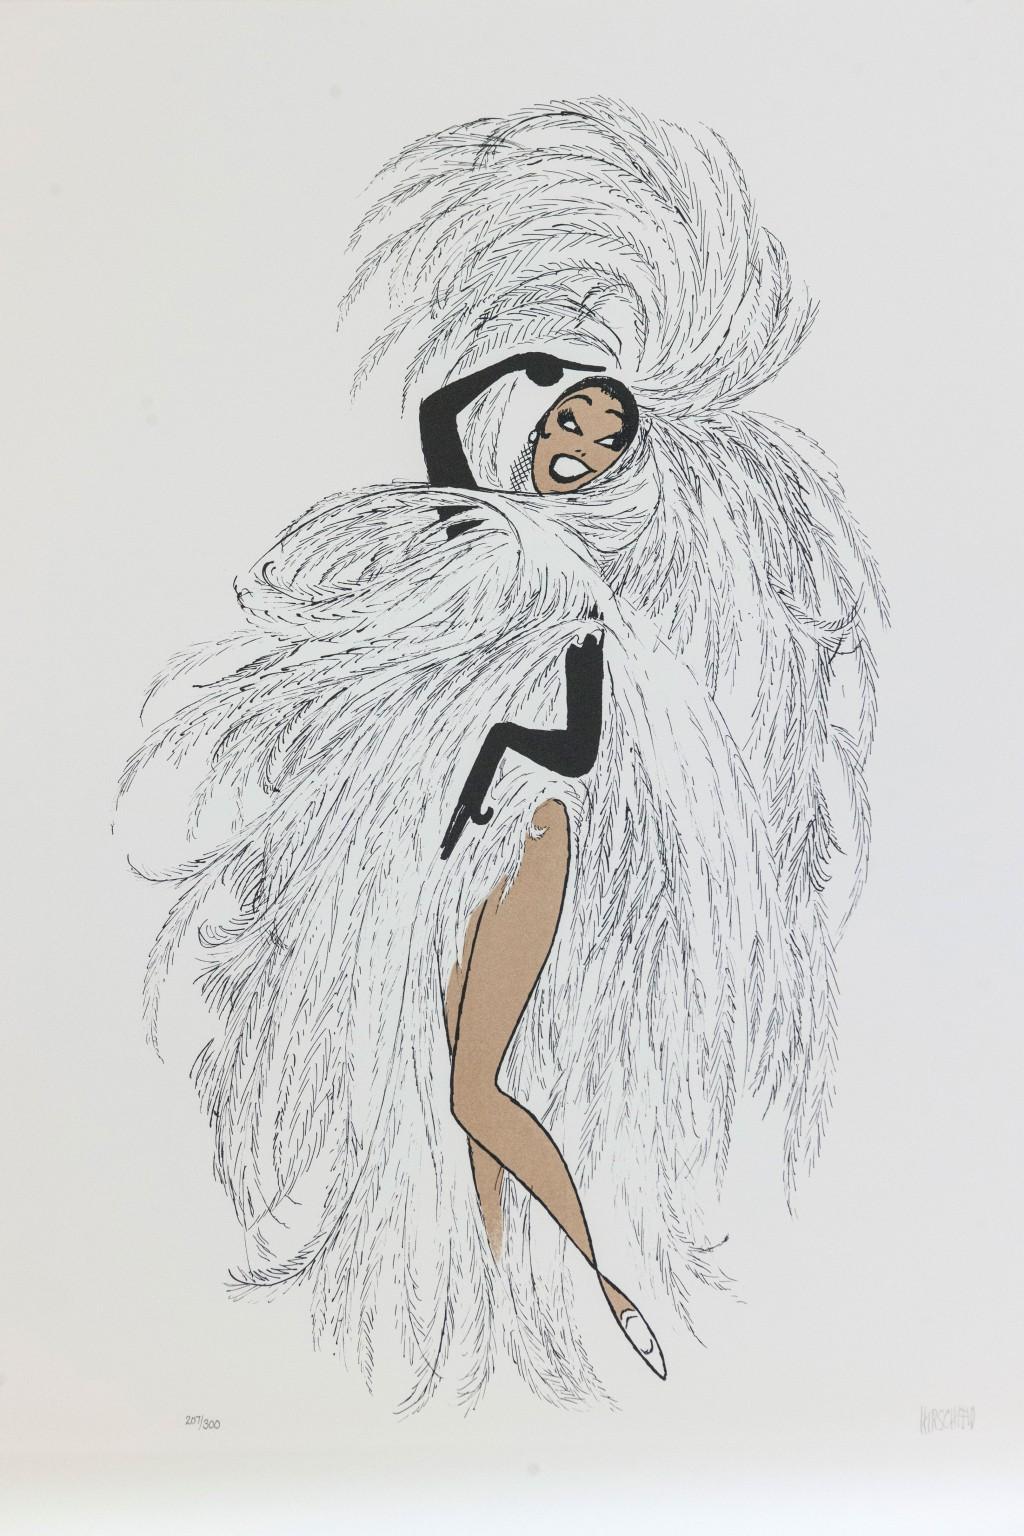 Al Hirschfeld master of line new yorker cartoon celebrity art Josephine Baker Paris fan dance feathers